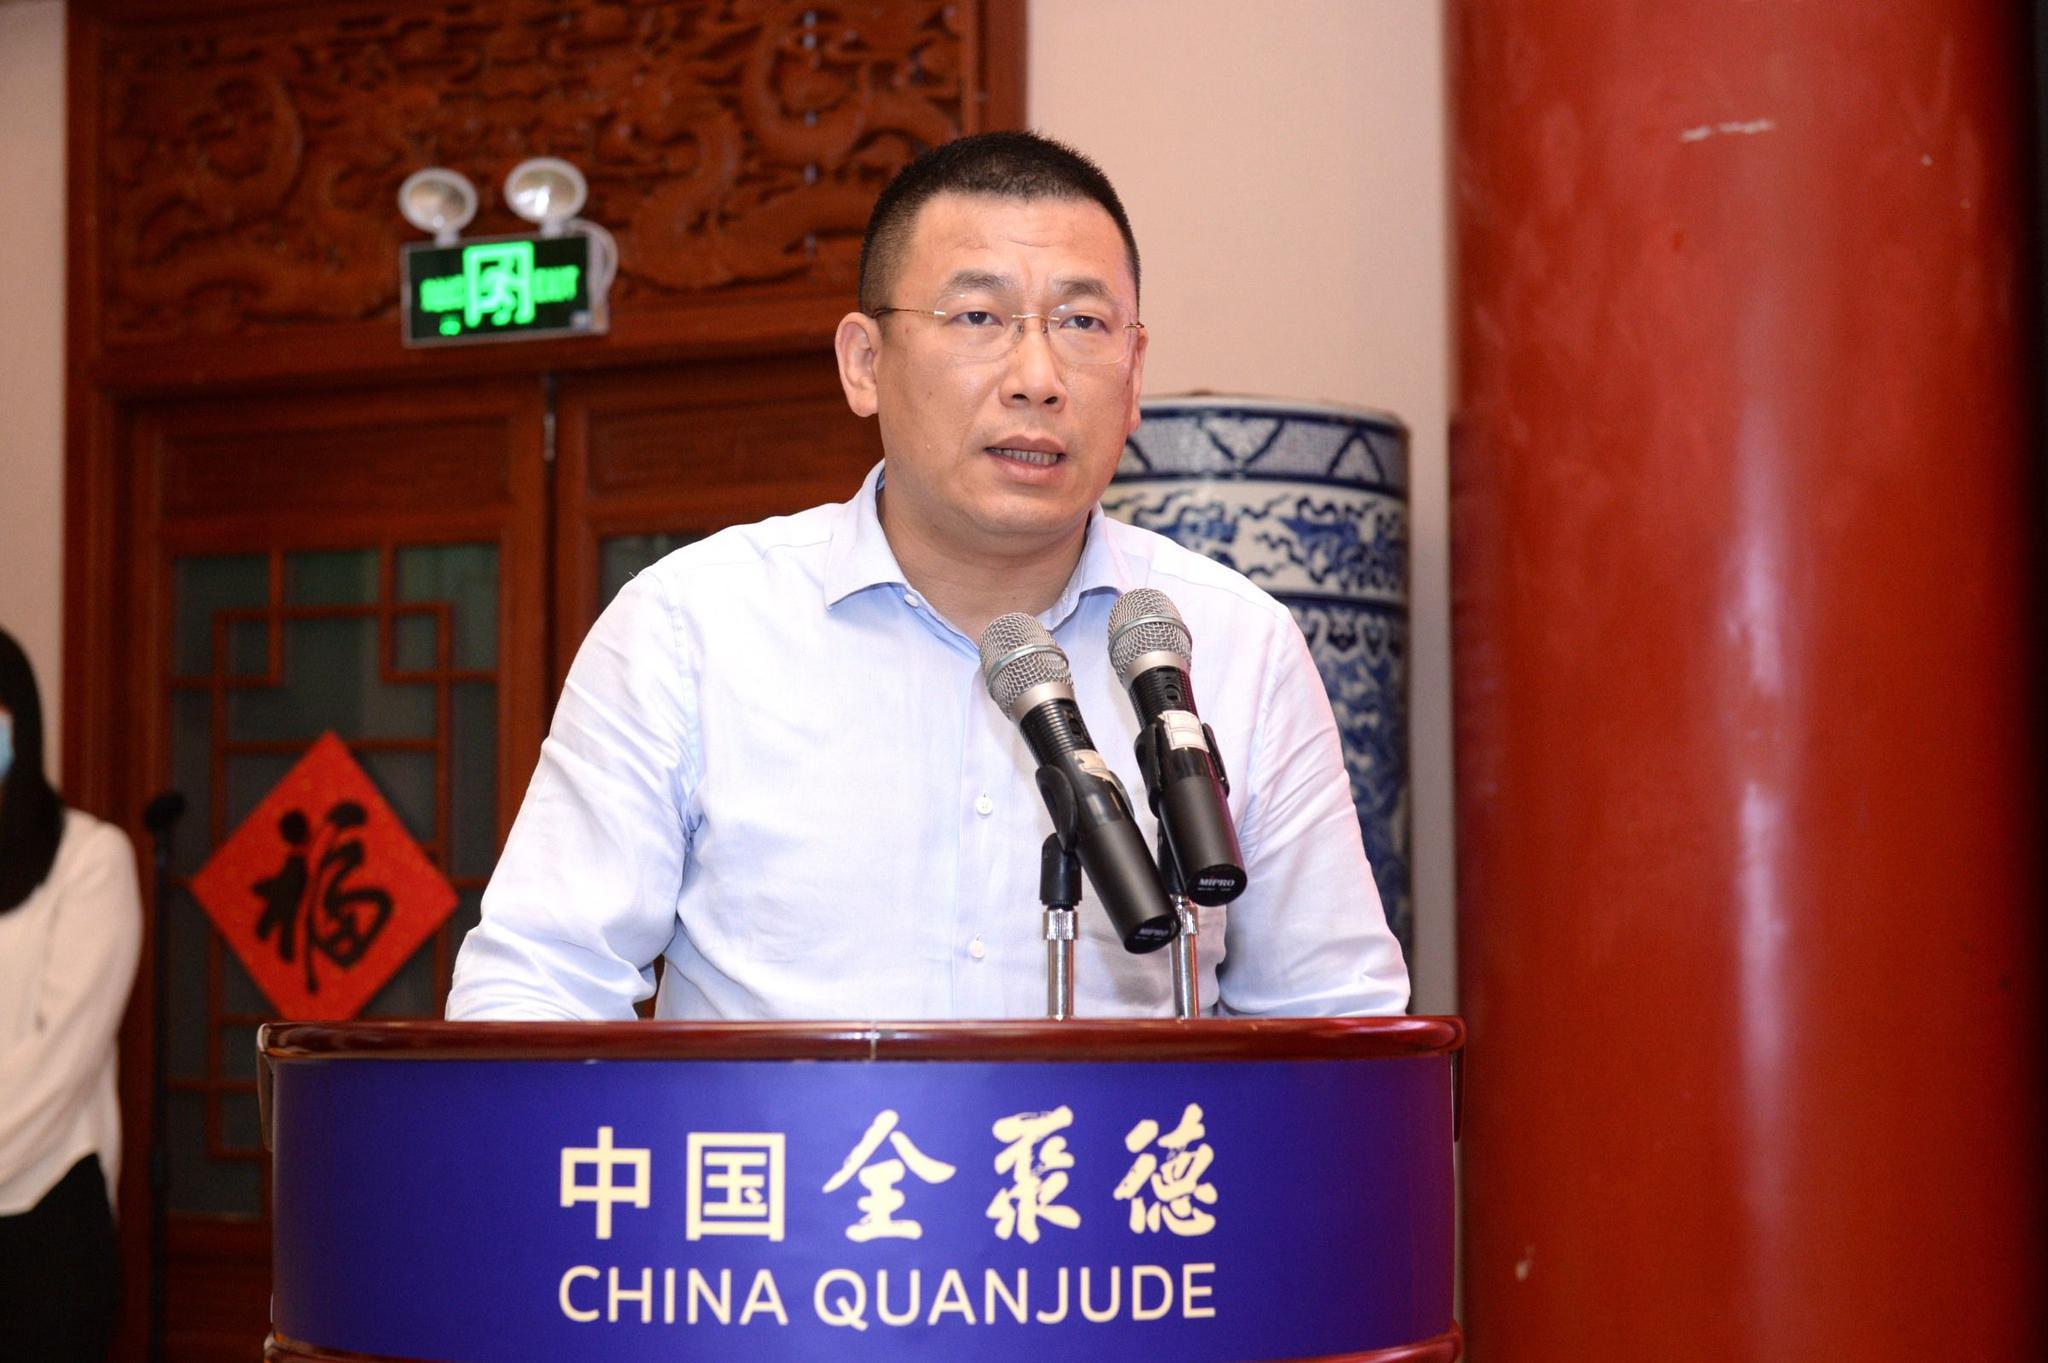 【高德招商】周延龙高德招商尝试转型要做北京人的图片